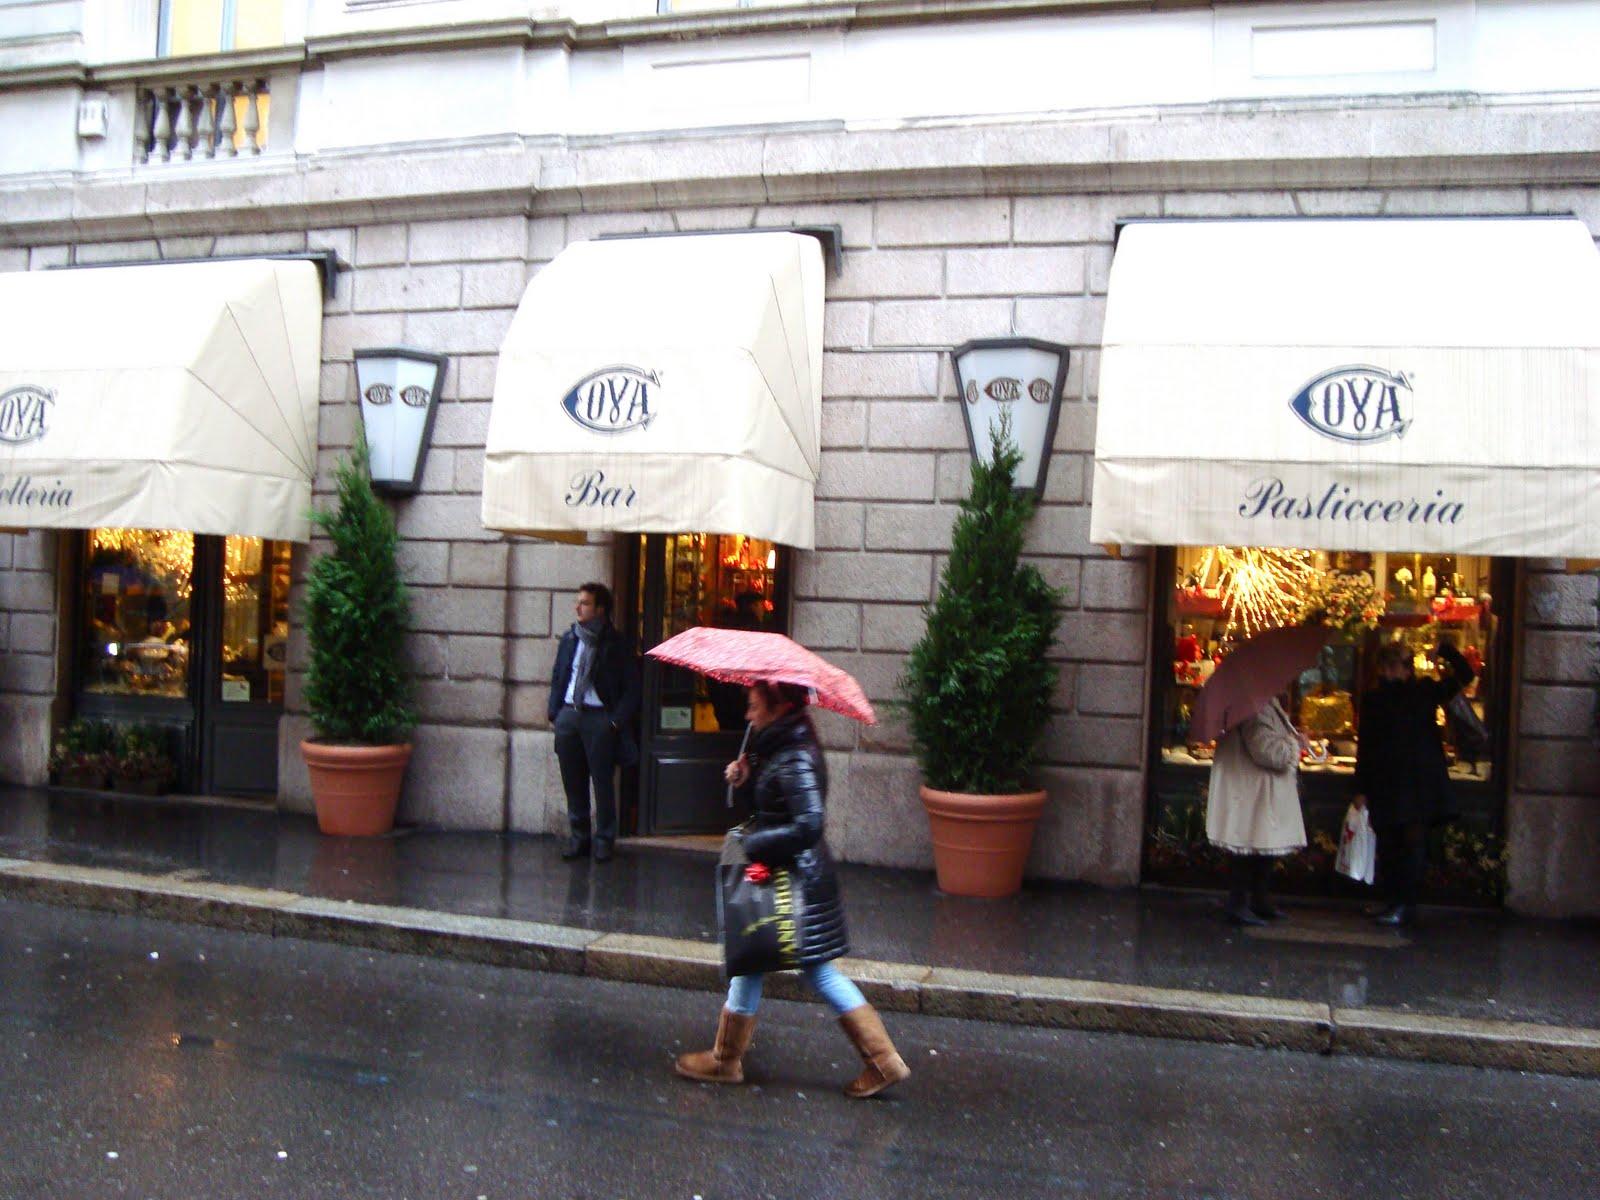 Lvmh compra Cova: la storica pasticceria di Milano ora della holding francese